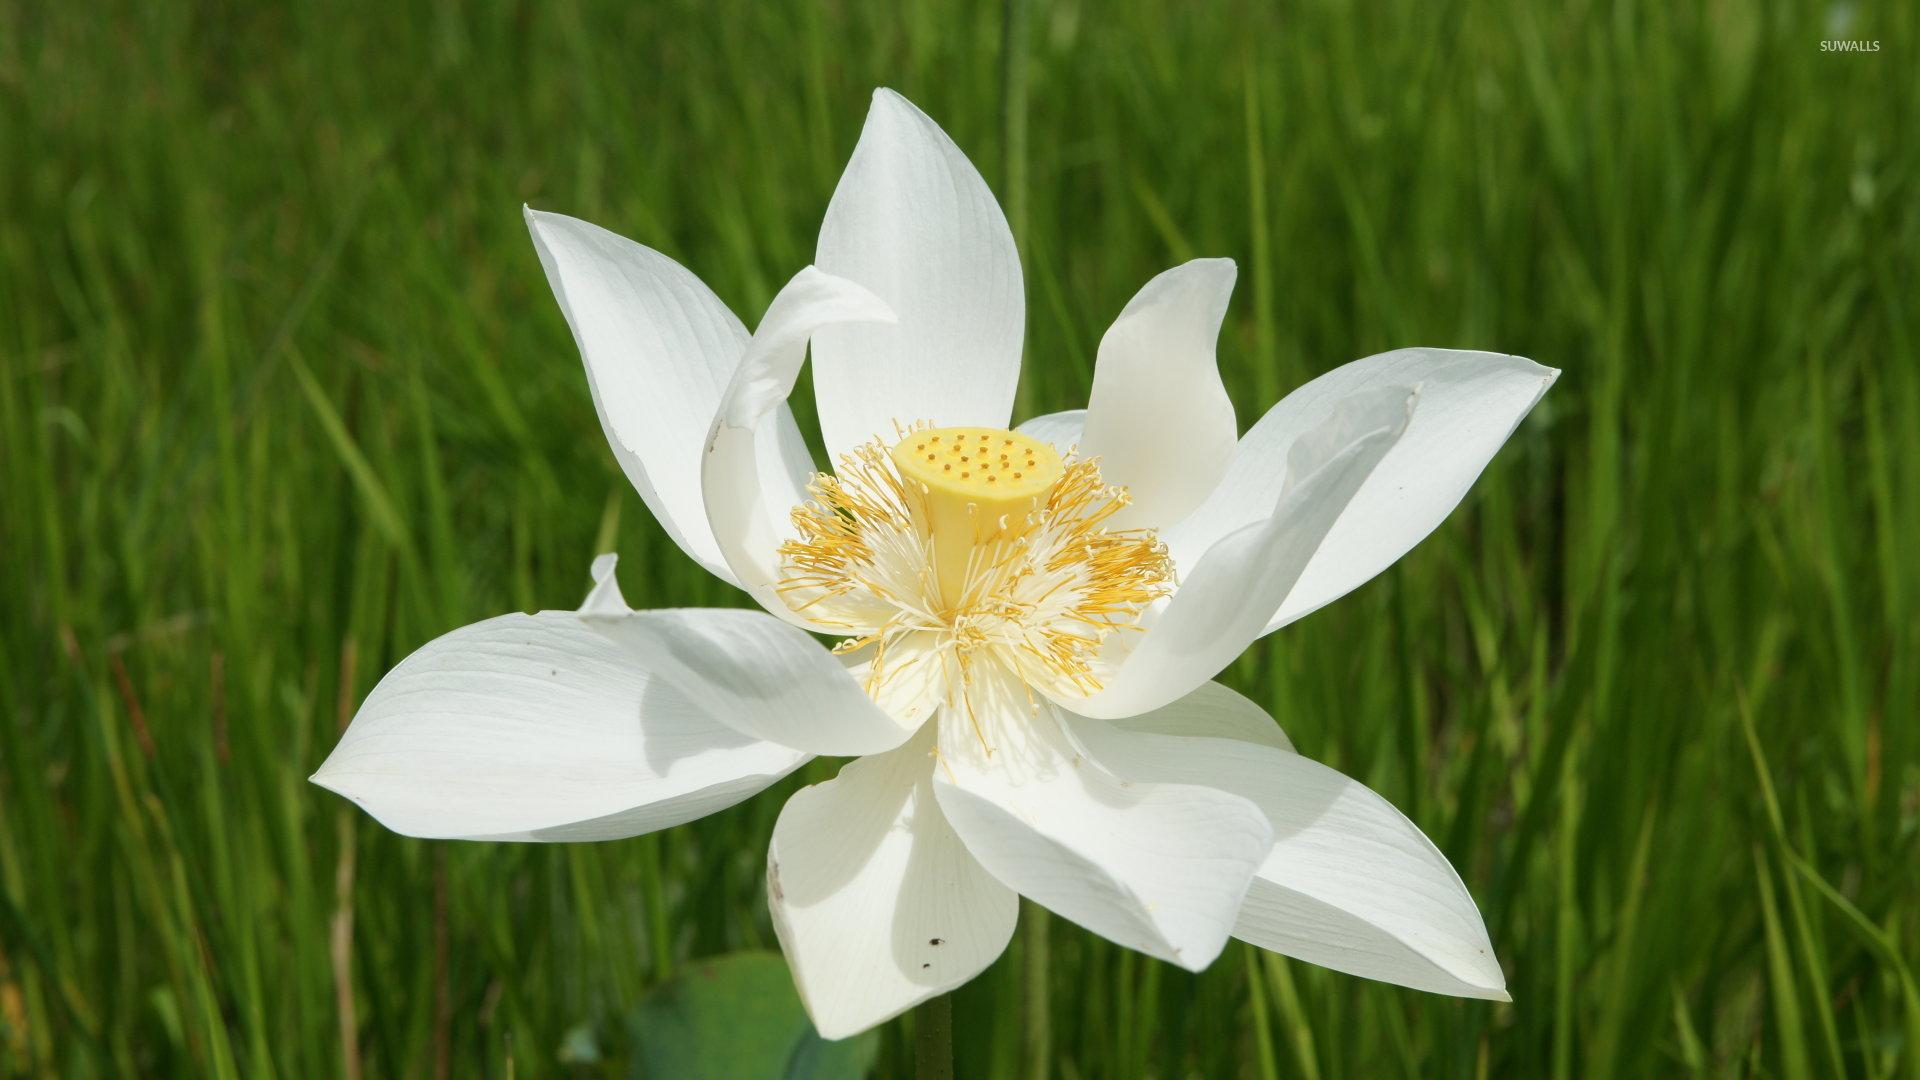 White lotus wallpaper flower wallpapers 172 white lotus wallpaper izmirmasajfo